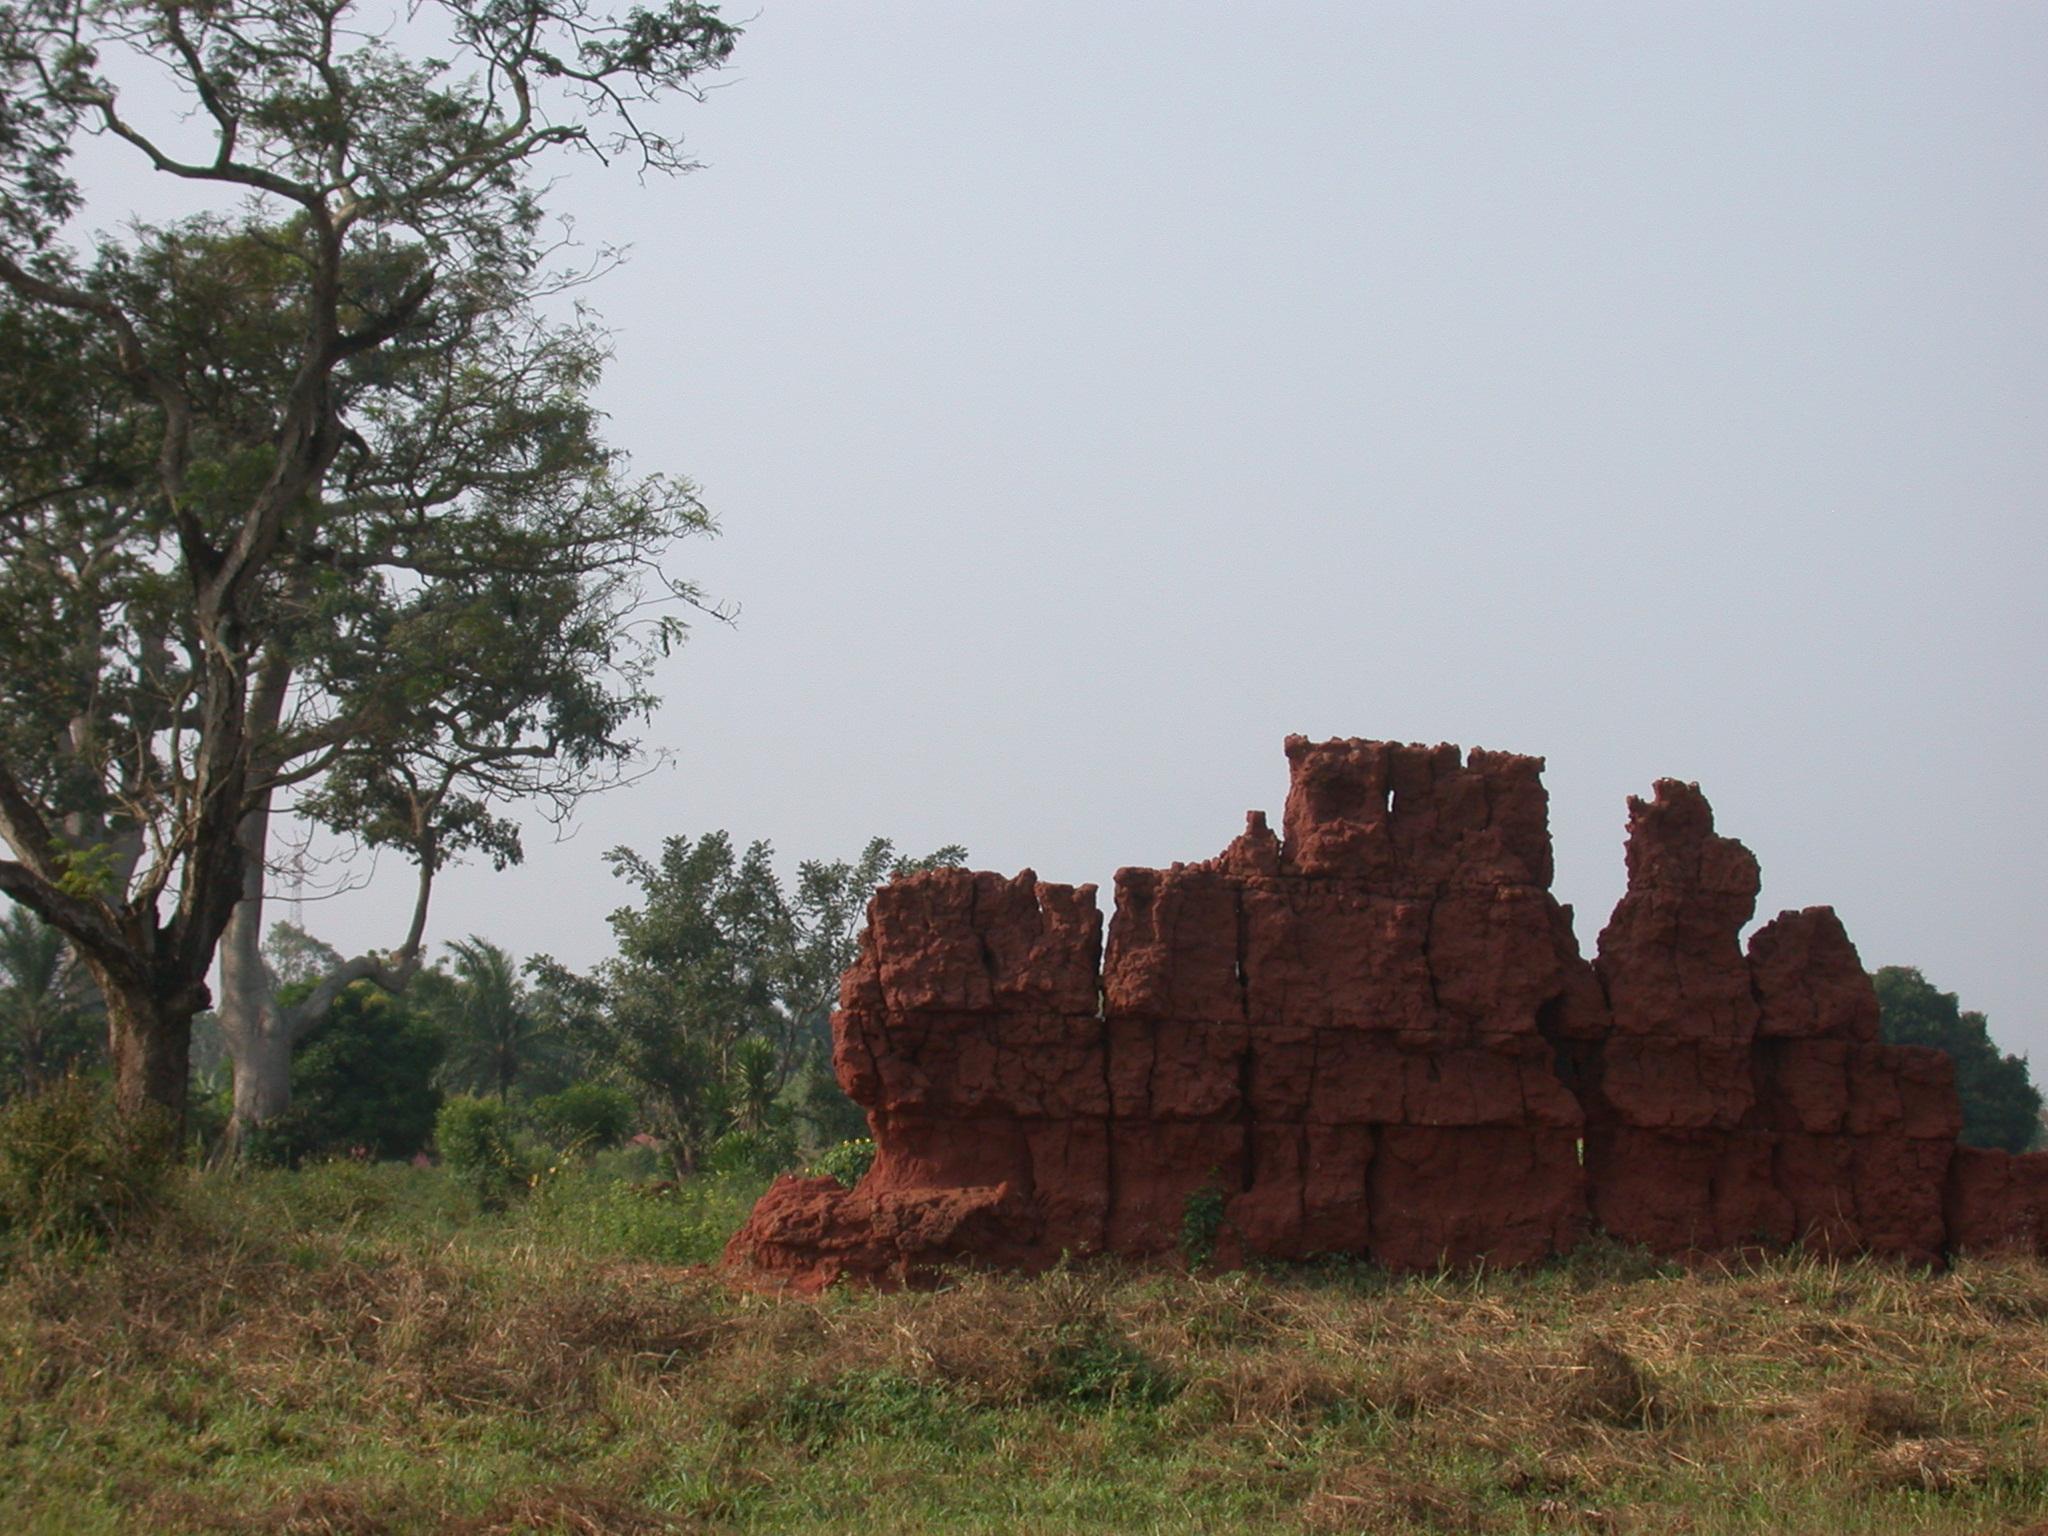 Palace Wall Ruins, Abomey, Benin